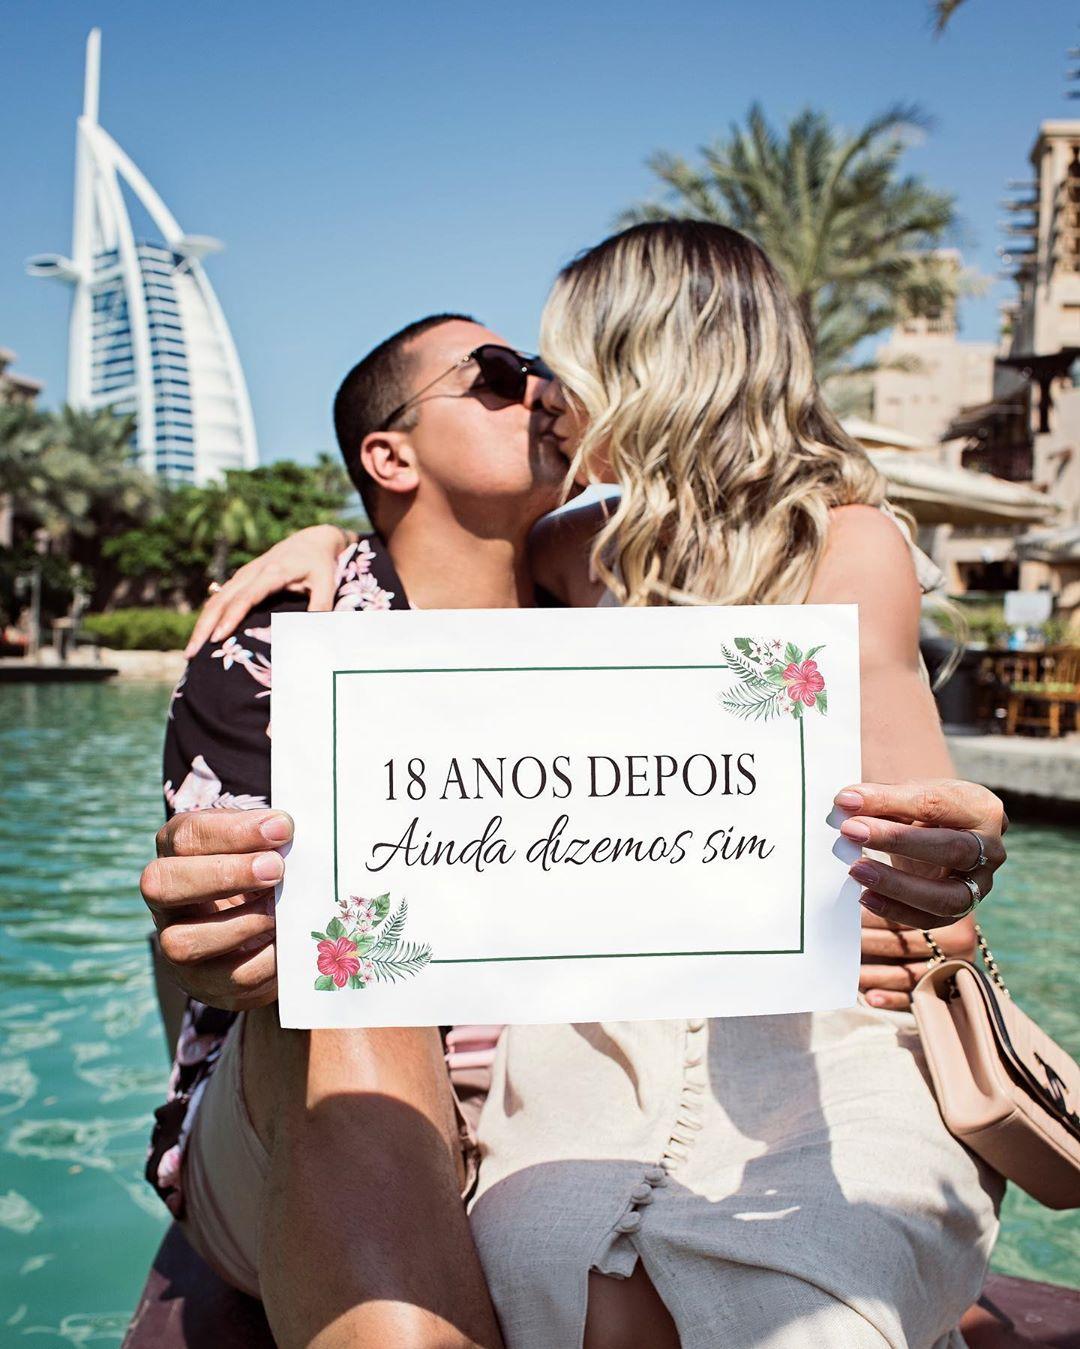 Carla Perez E Xanddy Completam 18 Anos De Casamento Ainda